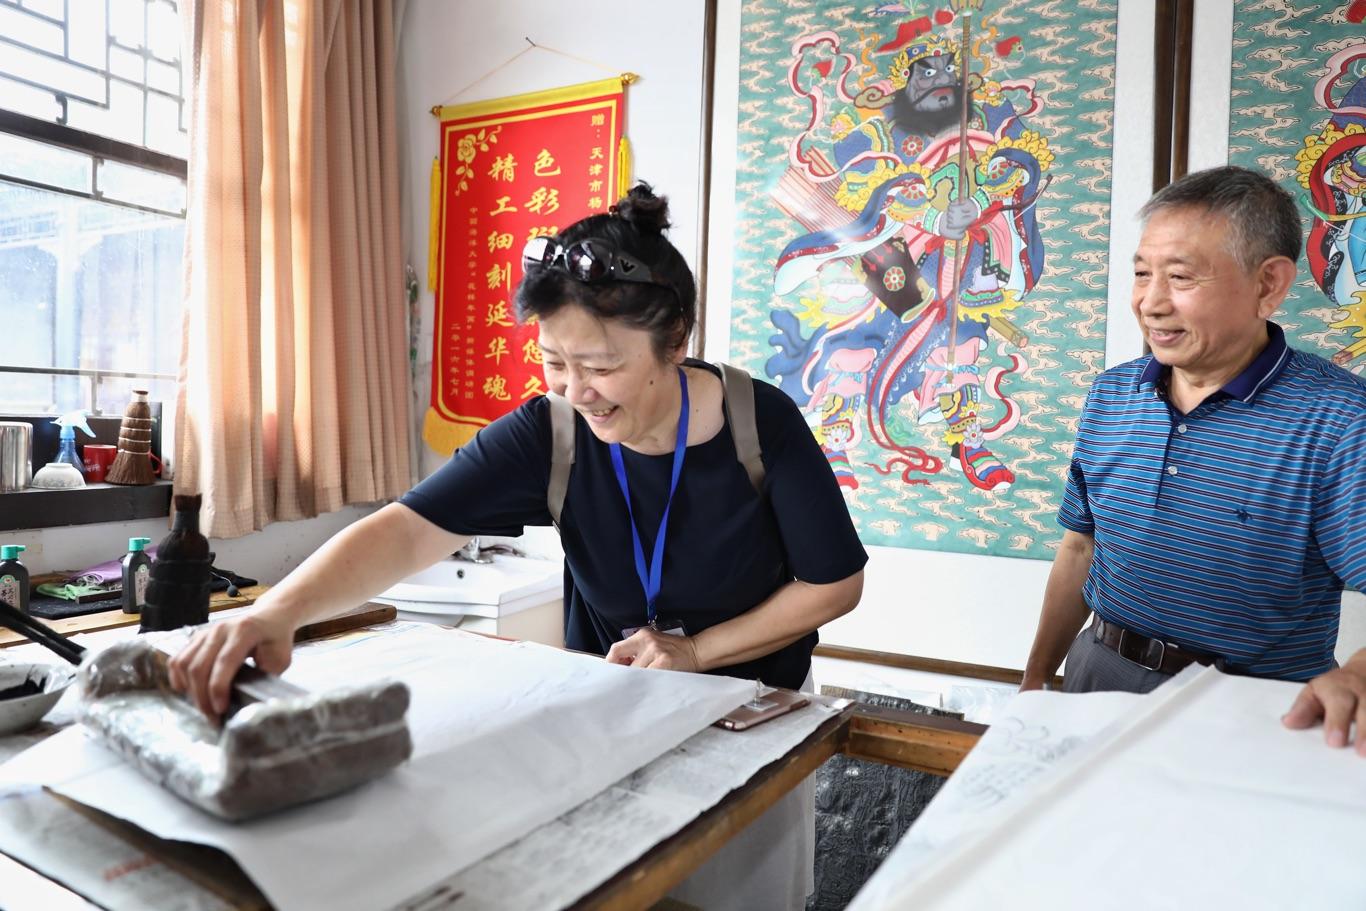 海外华媒体验天津西青传统文化